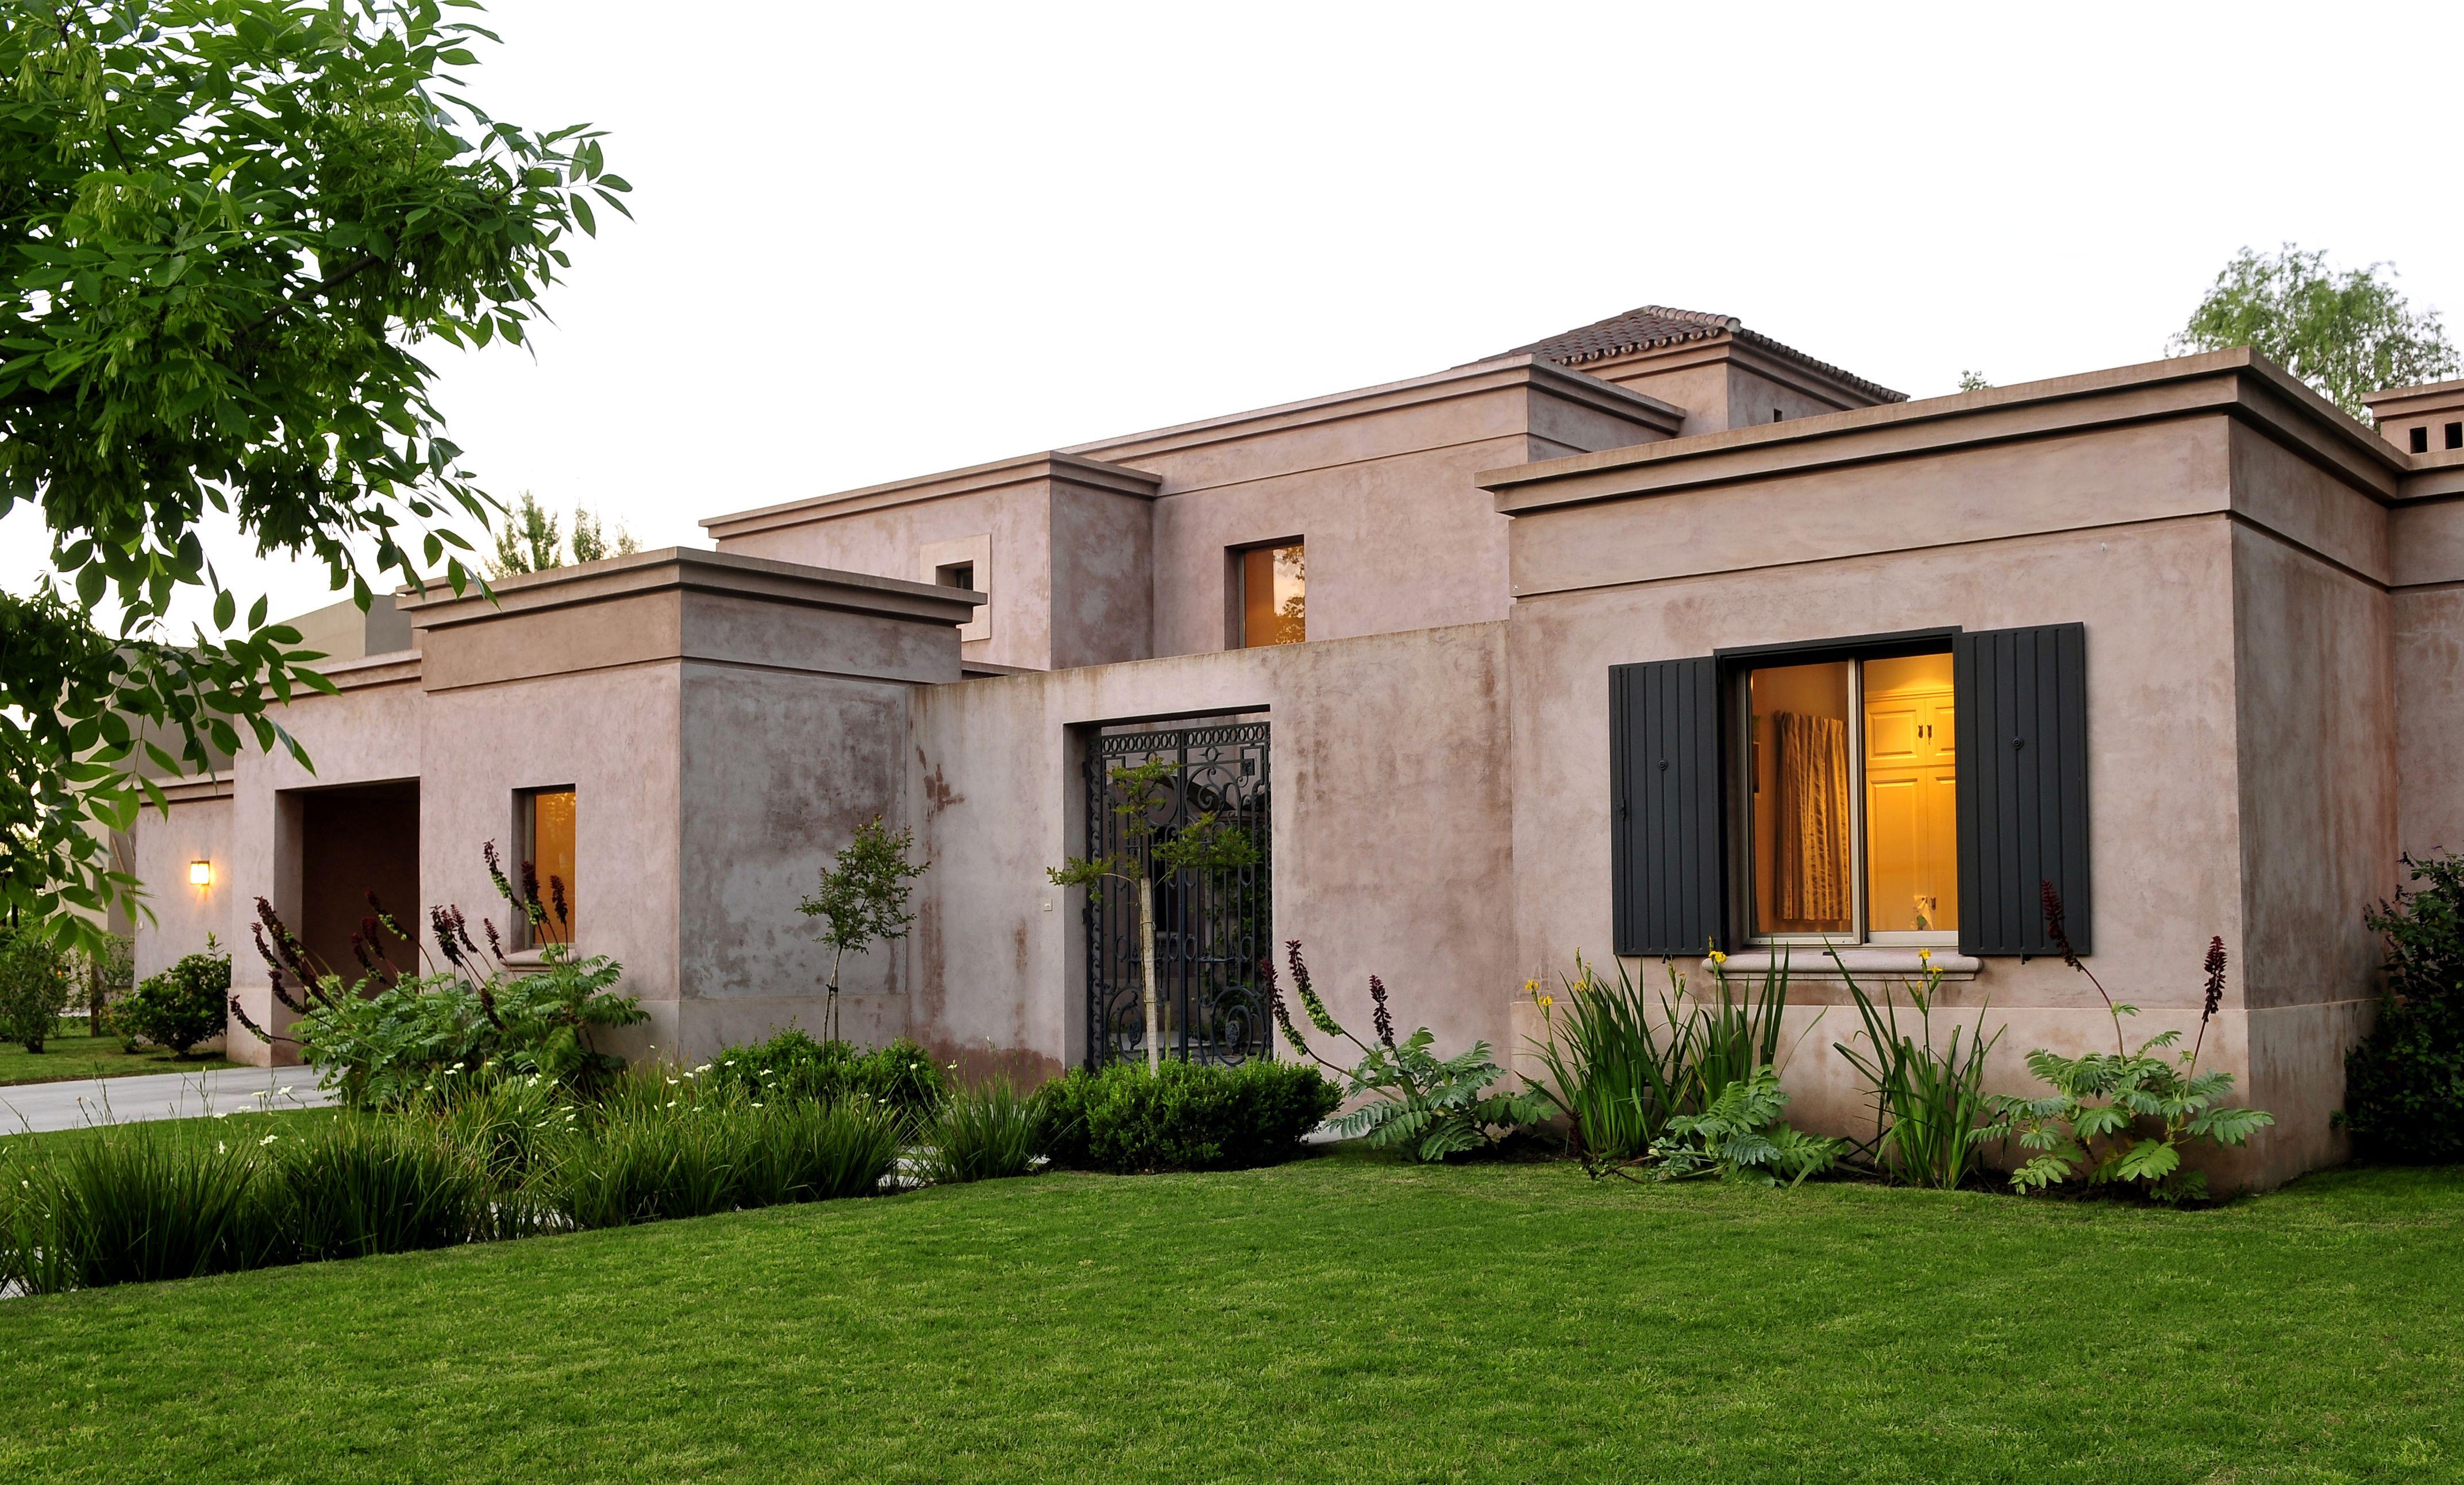 Pin de clarita en casas de campo pinterest buenos for Casas modernas arquitectura